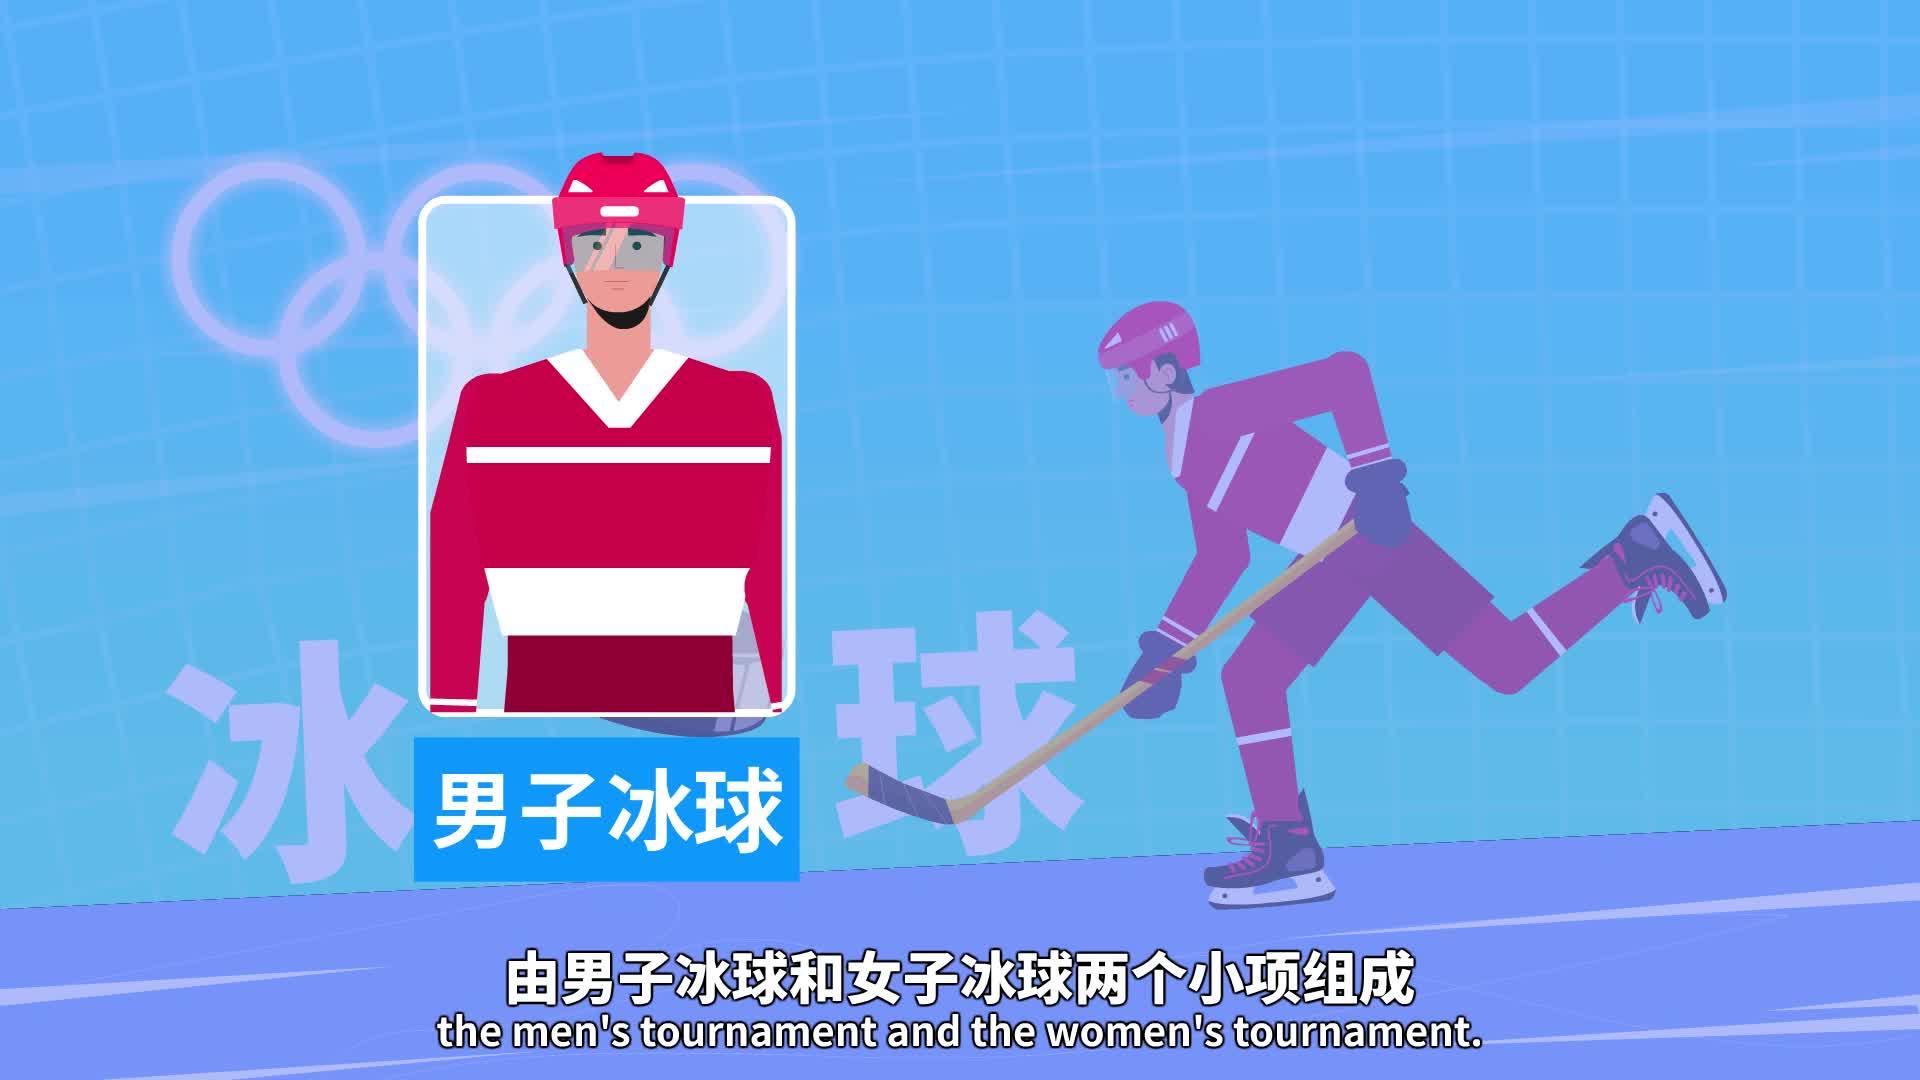 冰球,冬奥压轴大戏